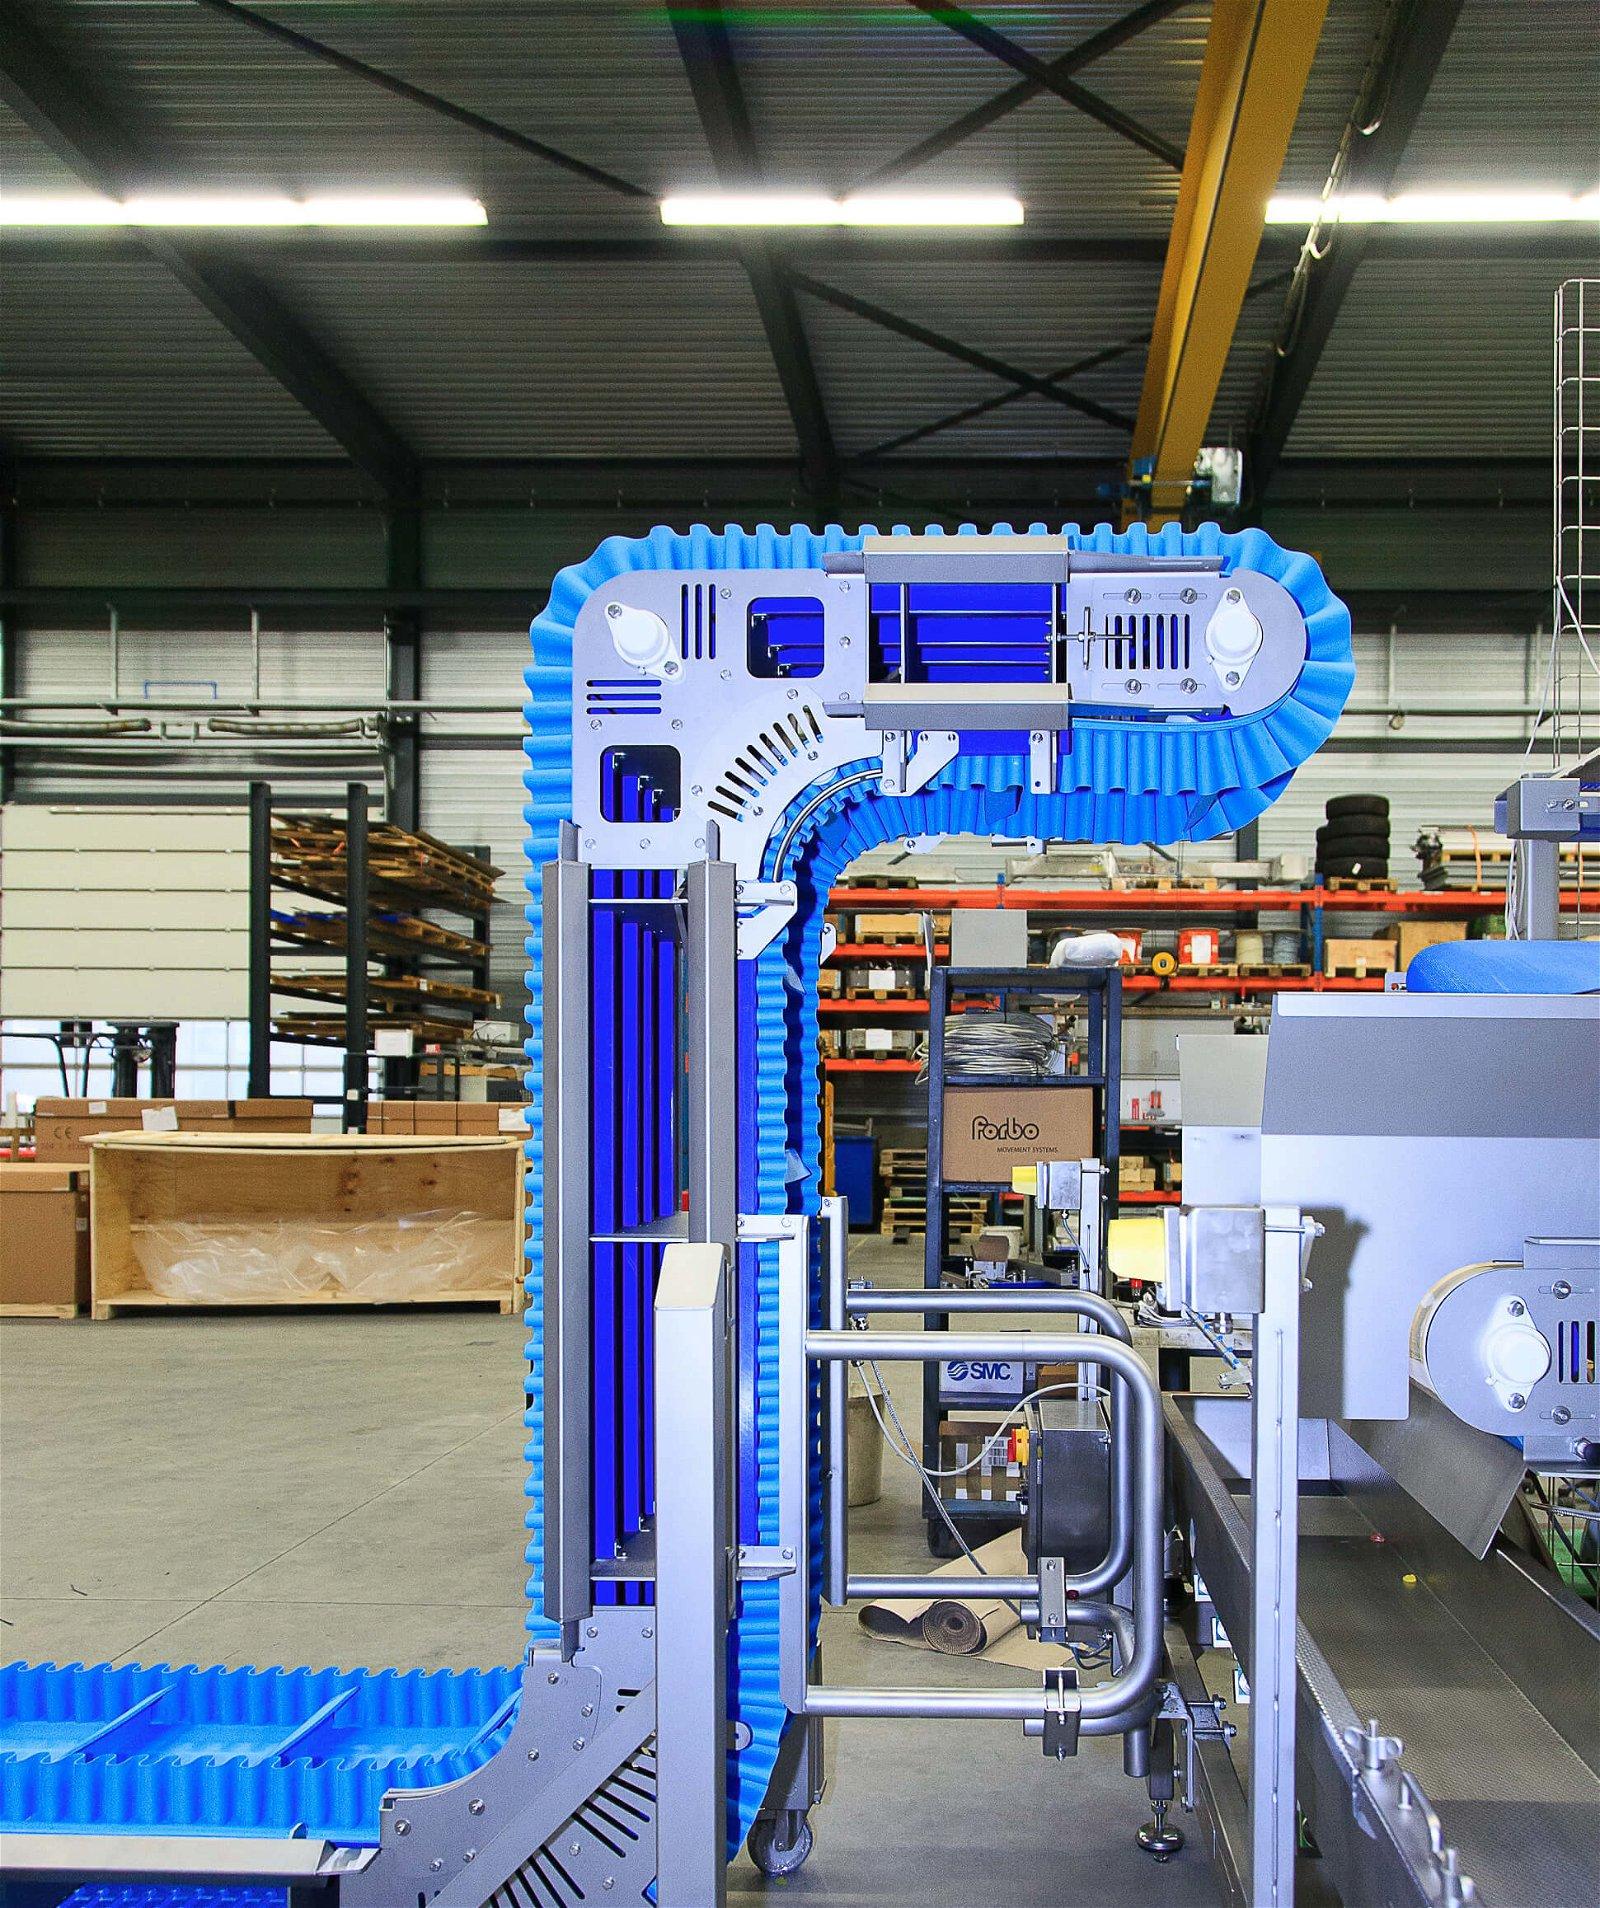 Technische installatie voor snoepfabrikant in samenwerking met Hoppenbrouwers Techniek